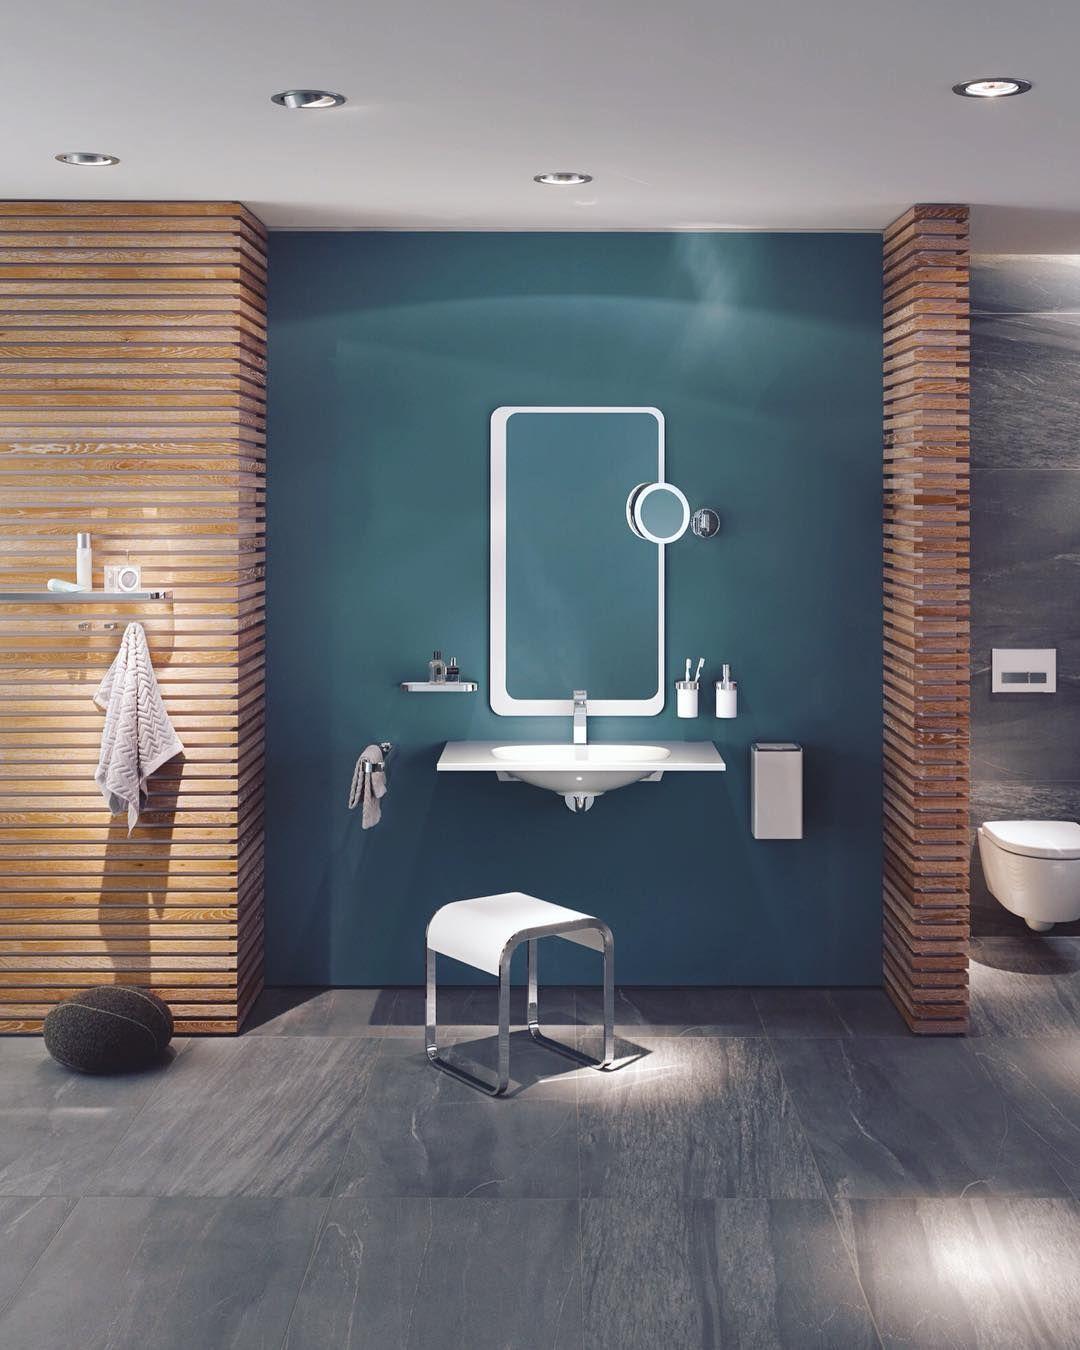 Barrierefreies Bad Planen Zuschusse Din Masse Gestaltungstipps Barrierefrei Bad Wohnen Dunkelblaues Badezimmer